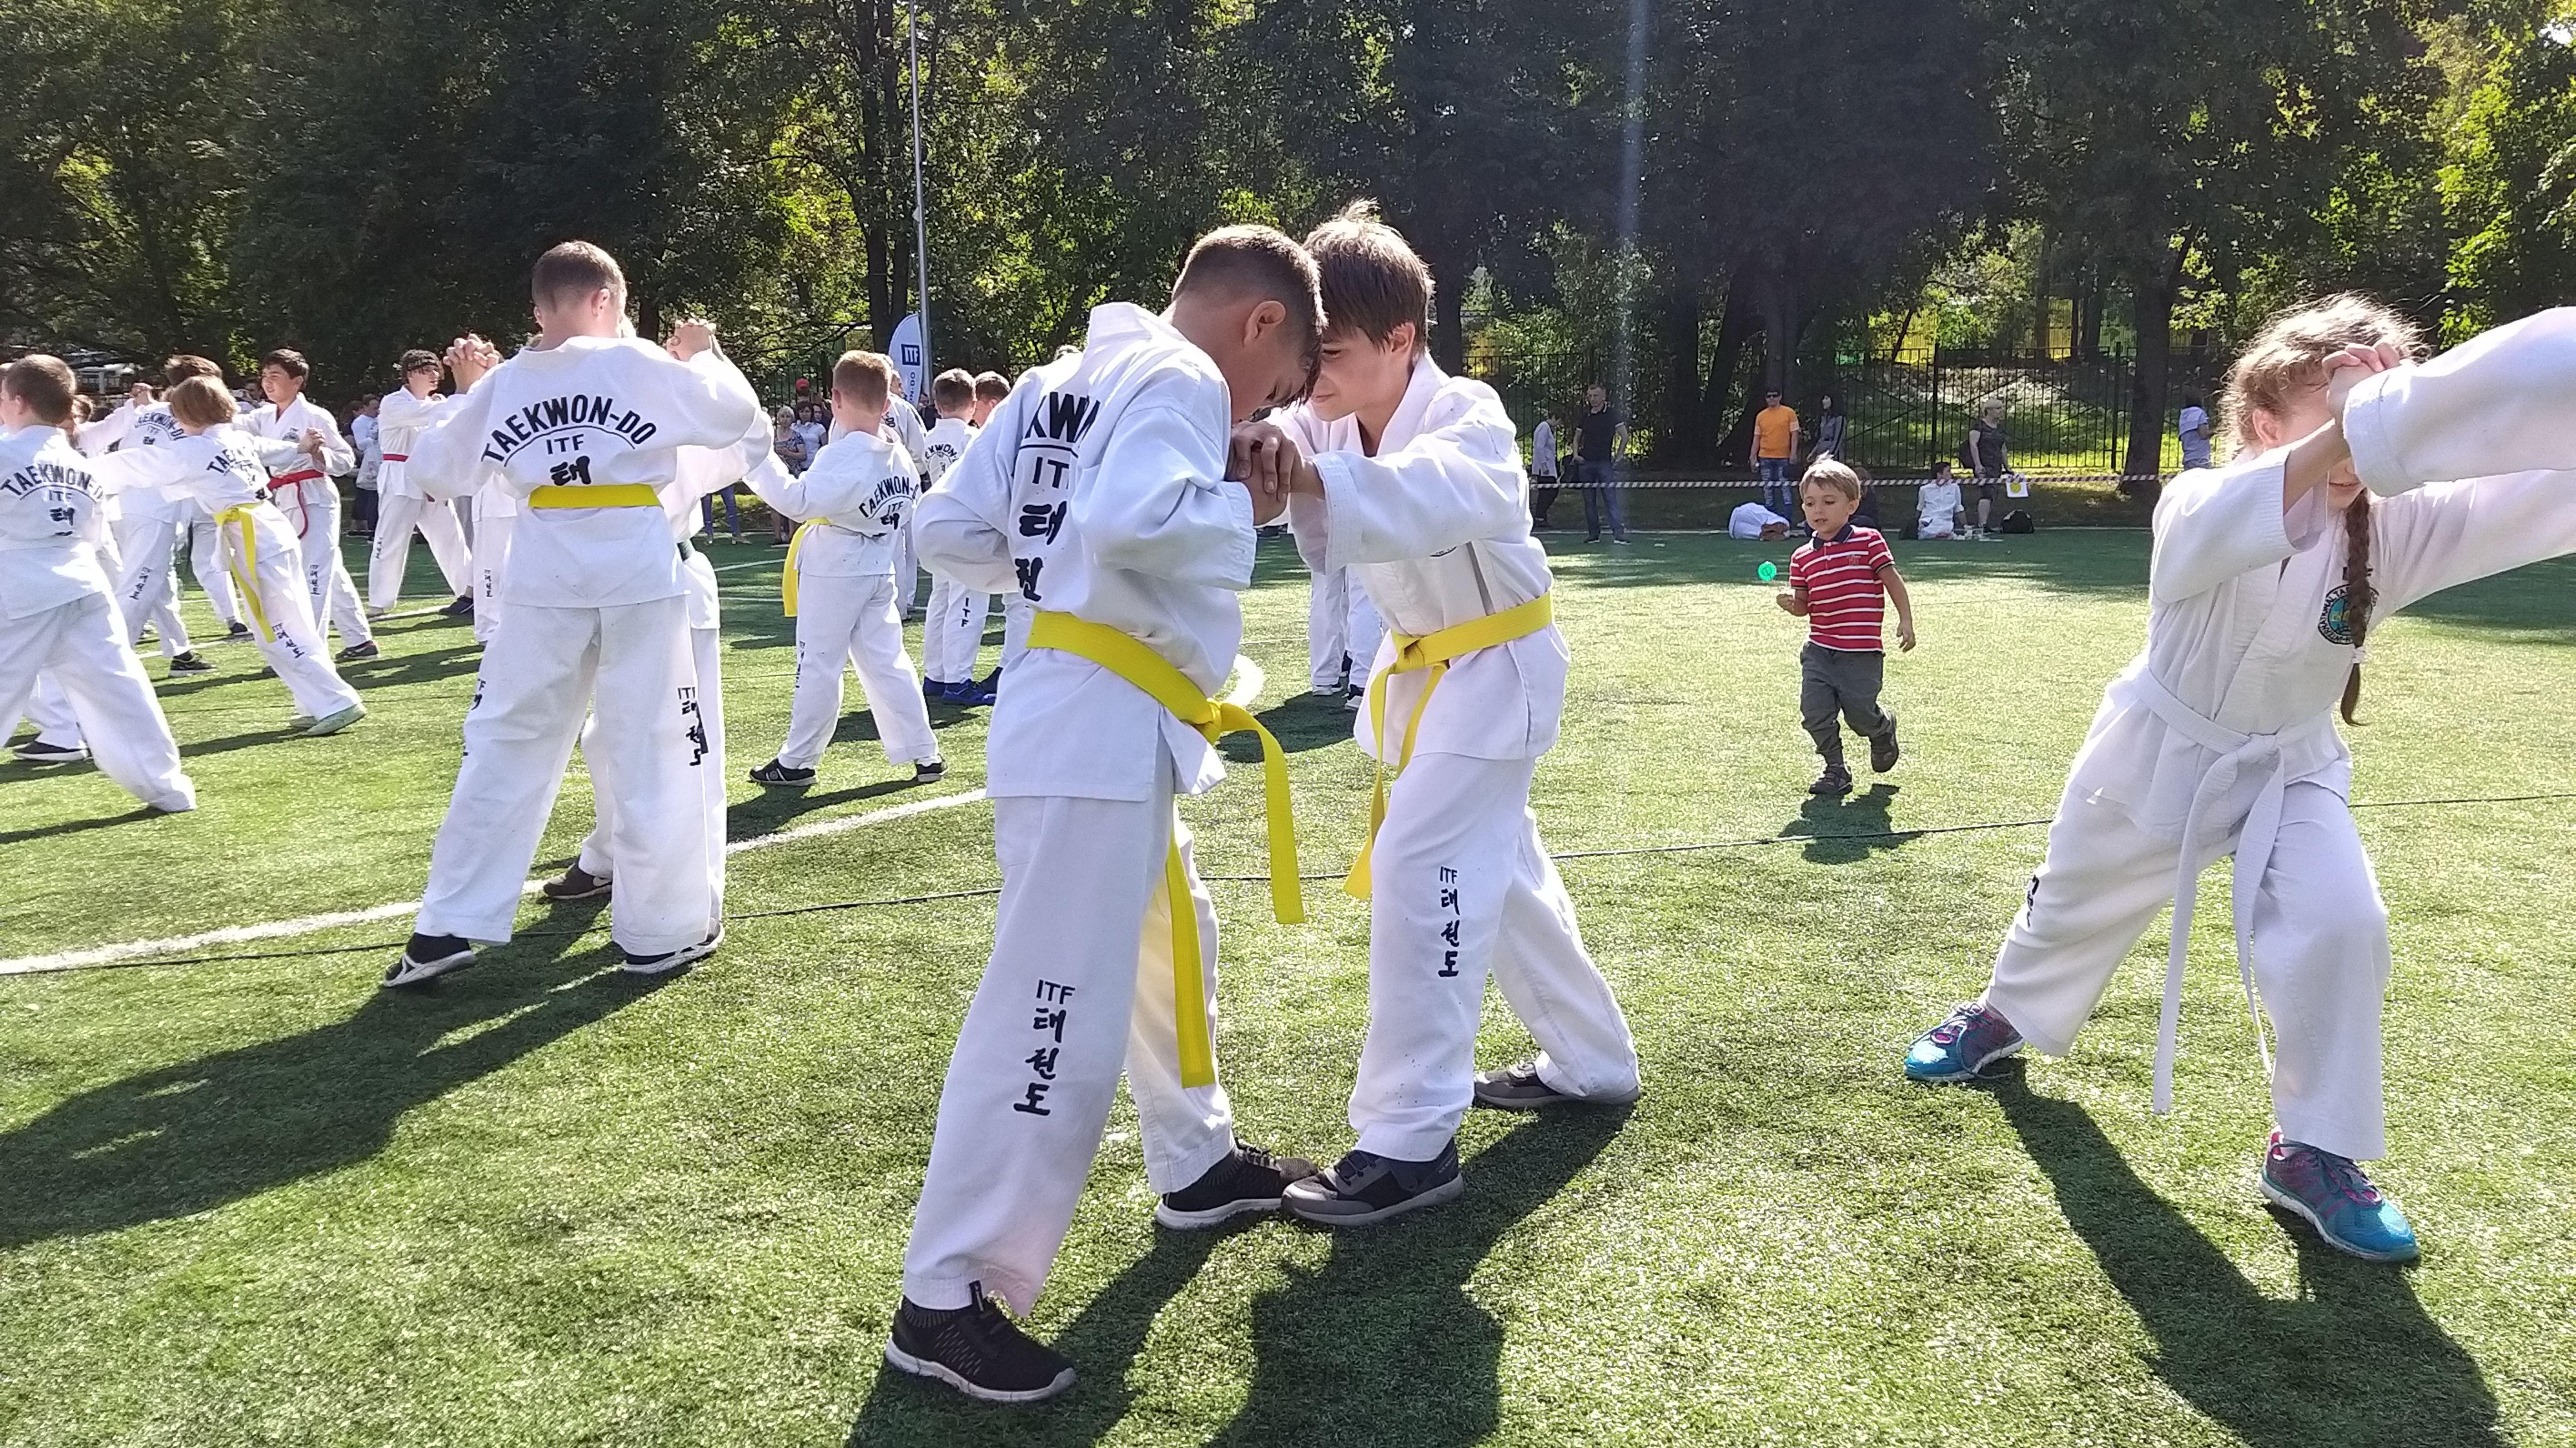 Мастера боевых искусств: Московская школа таэквон-до отметила 30-летний юбилей. Фото: Виктория Чуранова